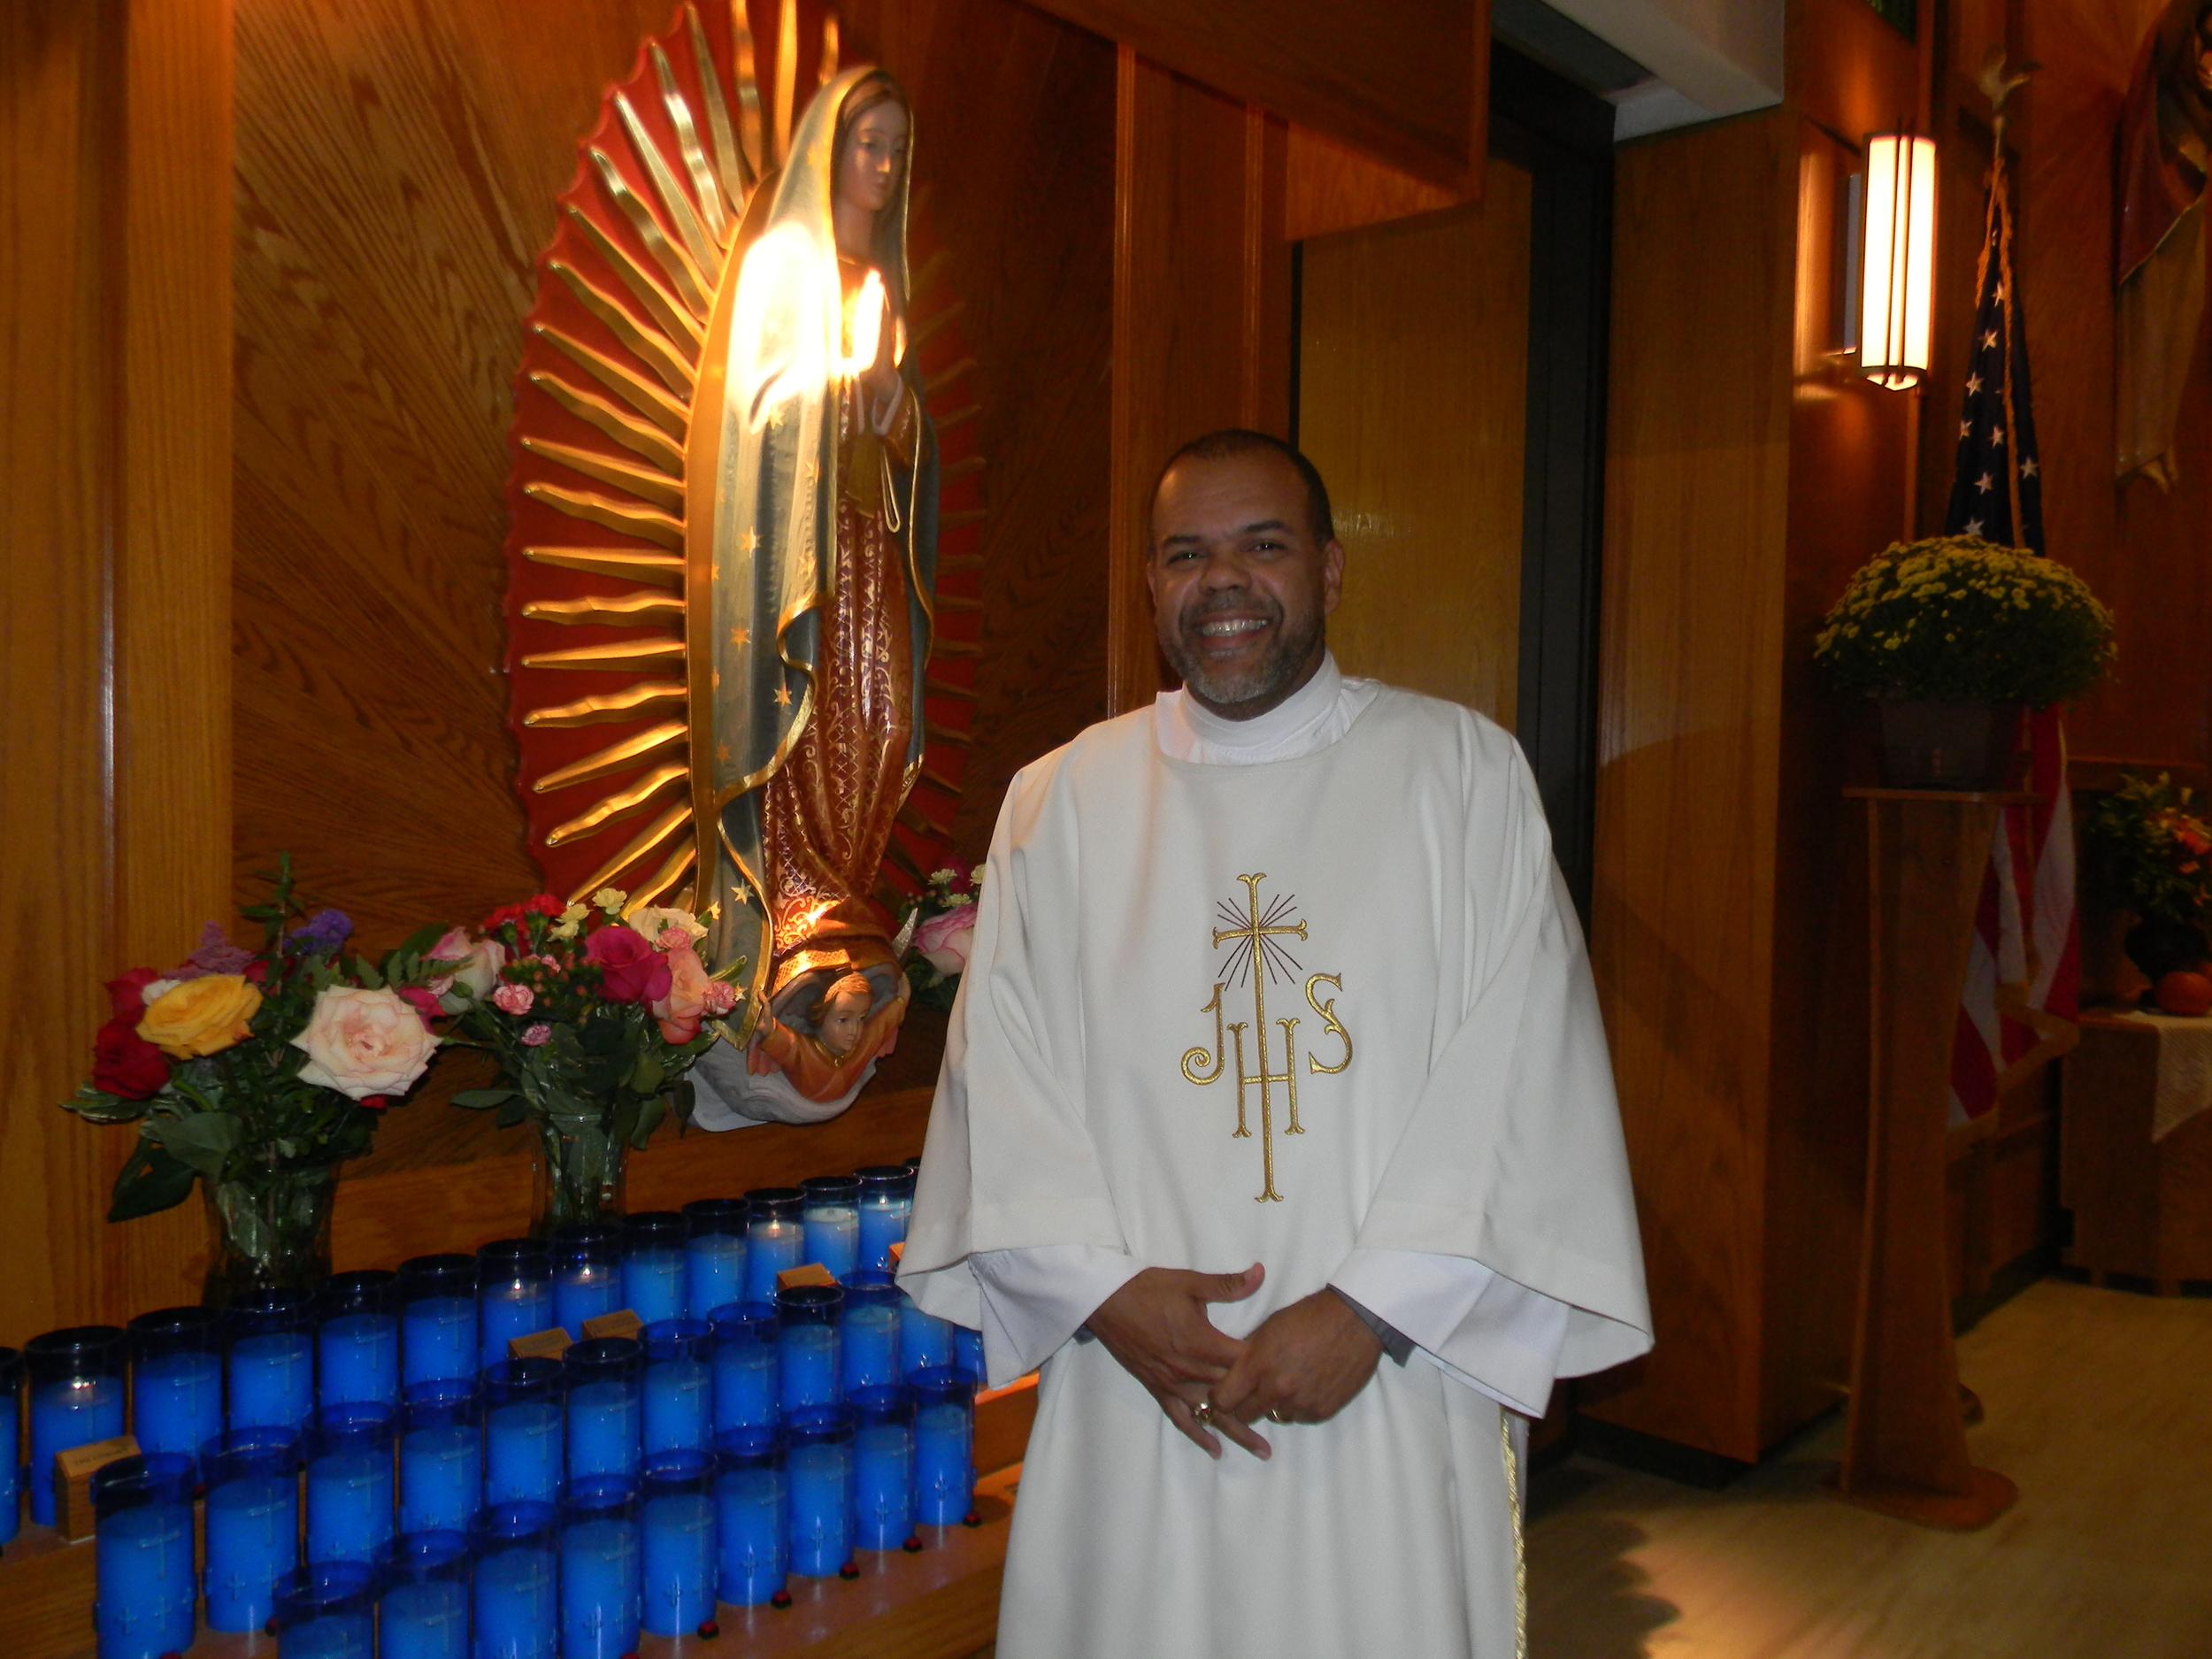 Jose L. Gabin, Deacon